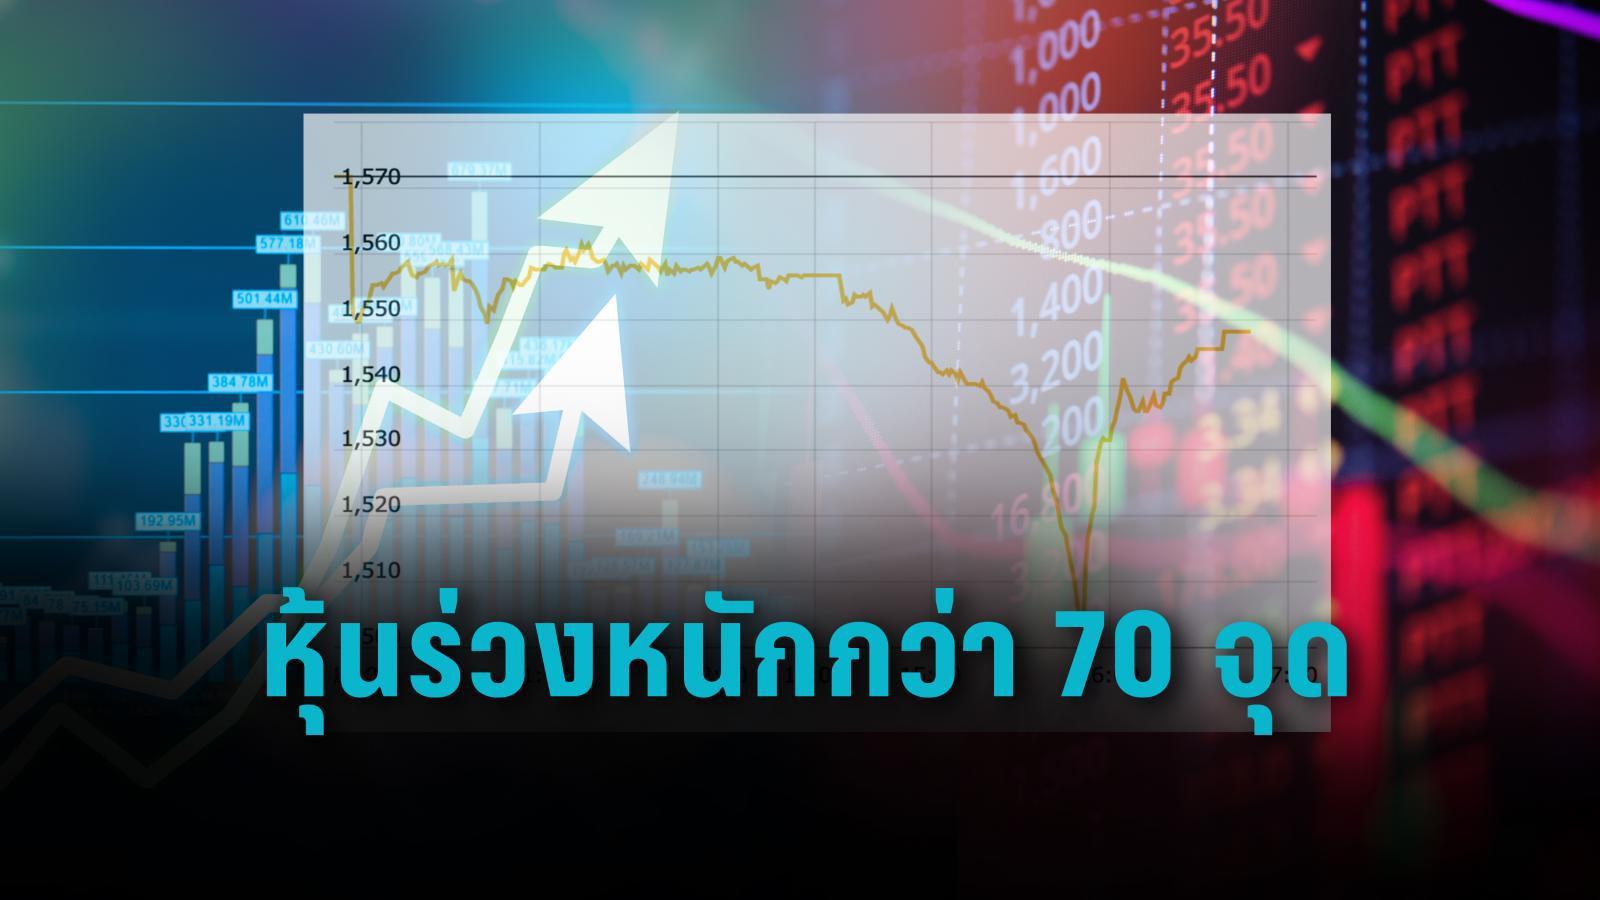 หุ้นไทย (13 พ.ค.64) ร่วงหนักกว่า 70 จุด  ก่อนกลับมาปิดที่ 1,548.13 จุด